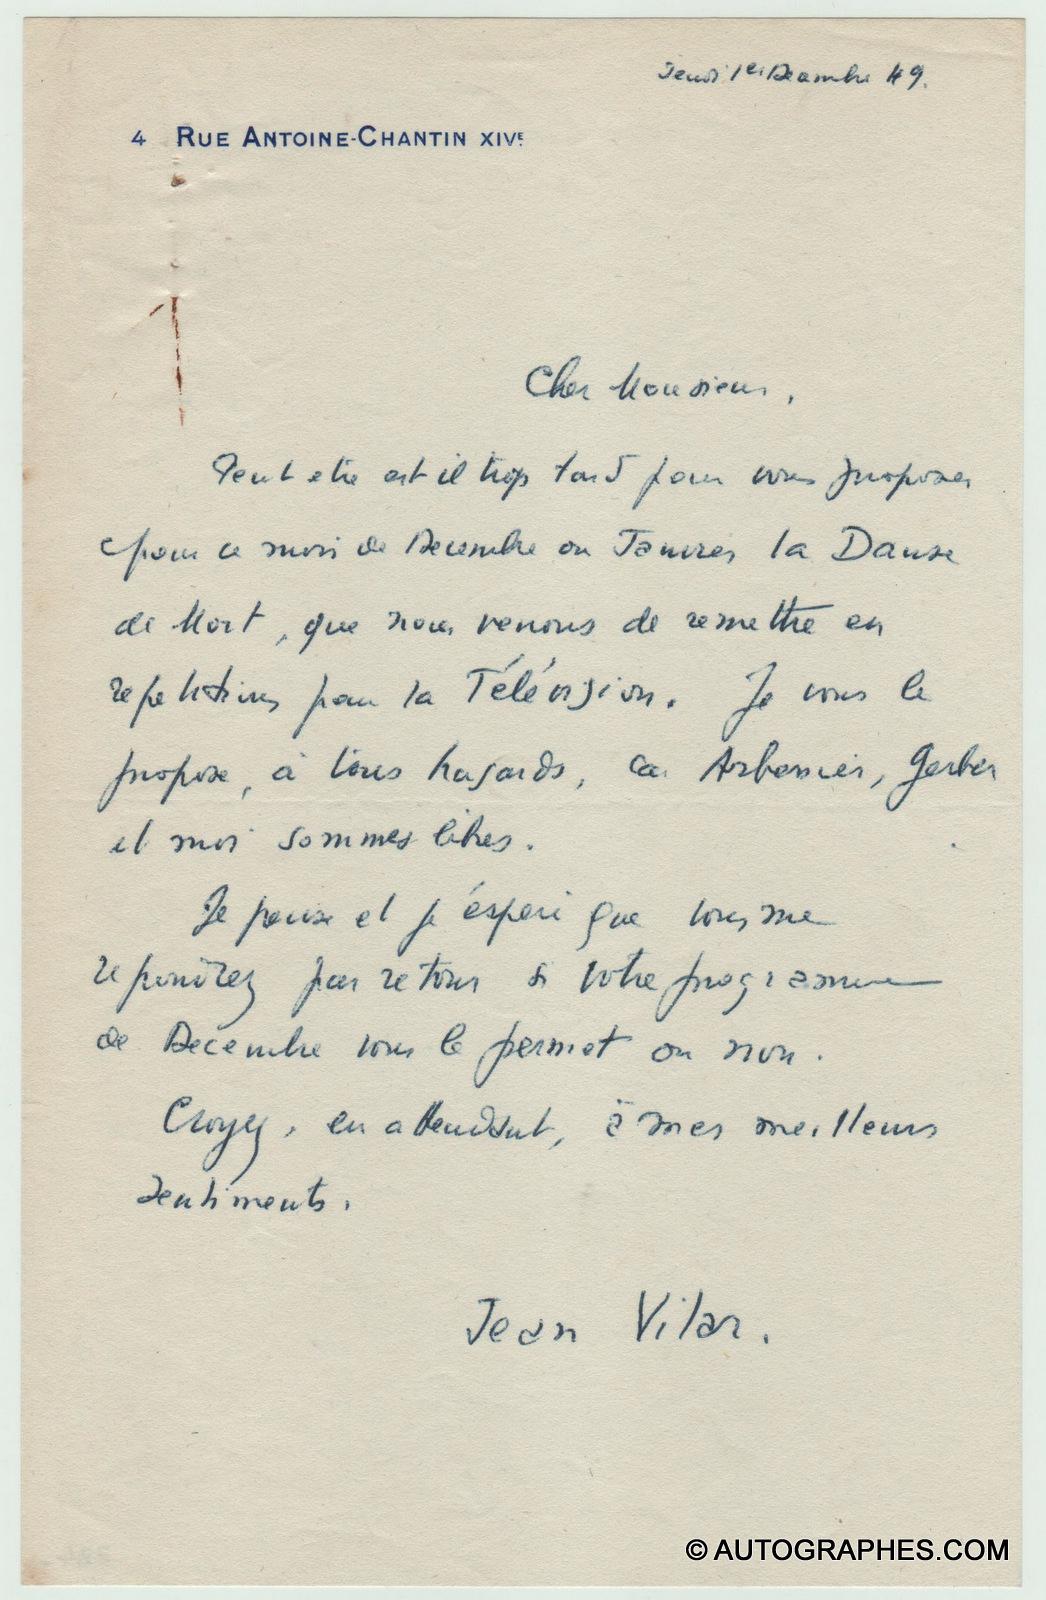 Jean VILAR - Lettre autographe signée (1er décembre 1949)